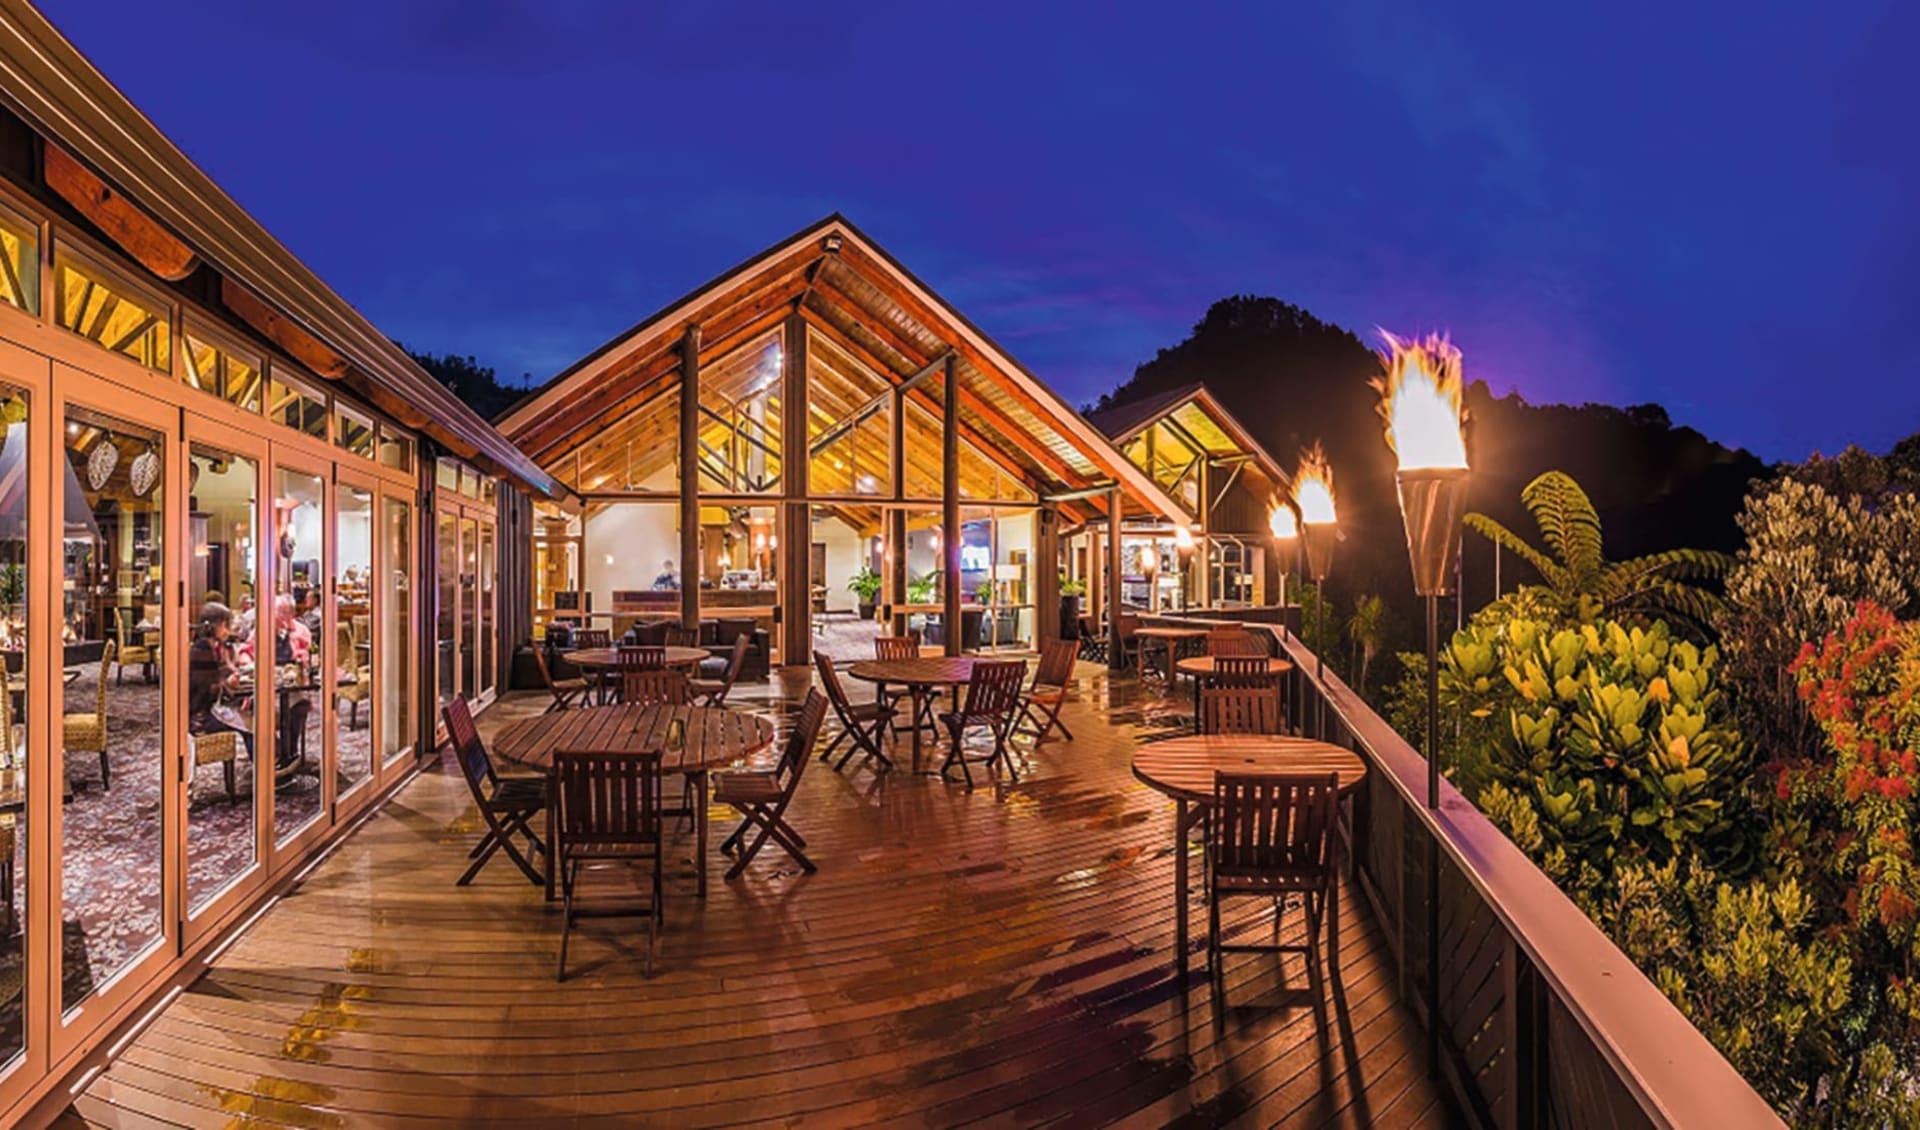 Grand Mercure Puka Park Resort in Pauanui: Exterior Grand Mercure Puka Park Resort Coromandel Neuseeland - Blick auf Resort und Restaurant von aussen 2017